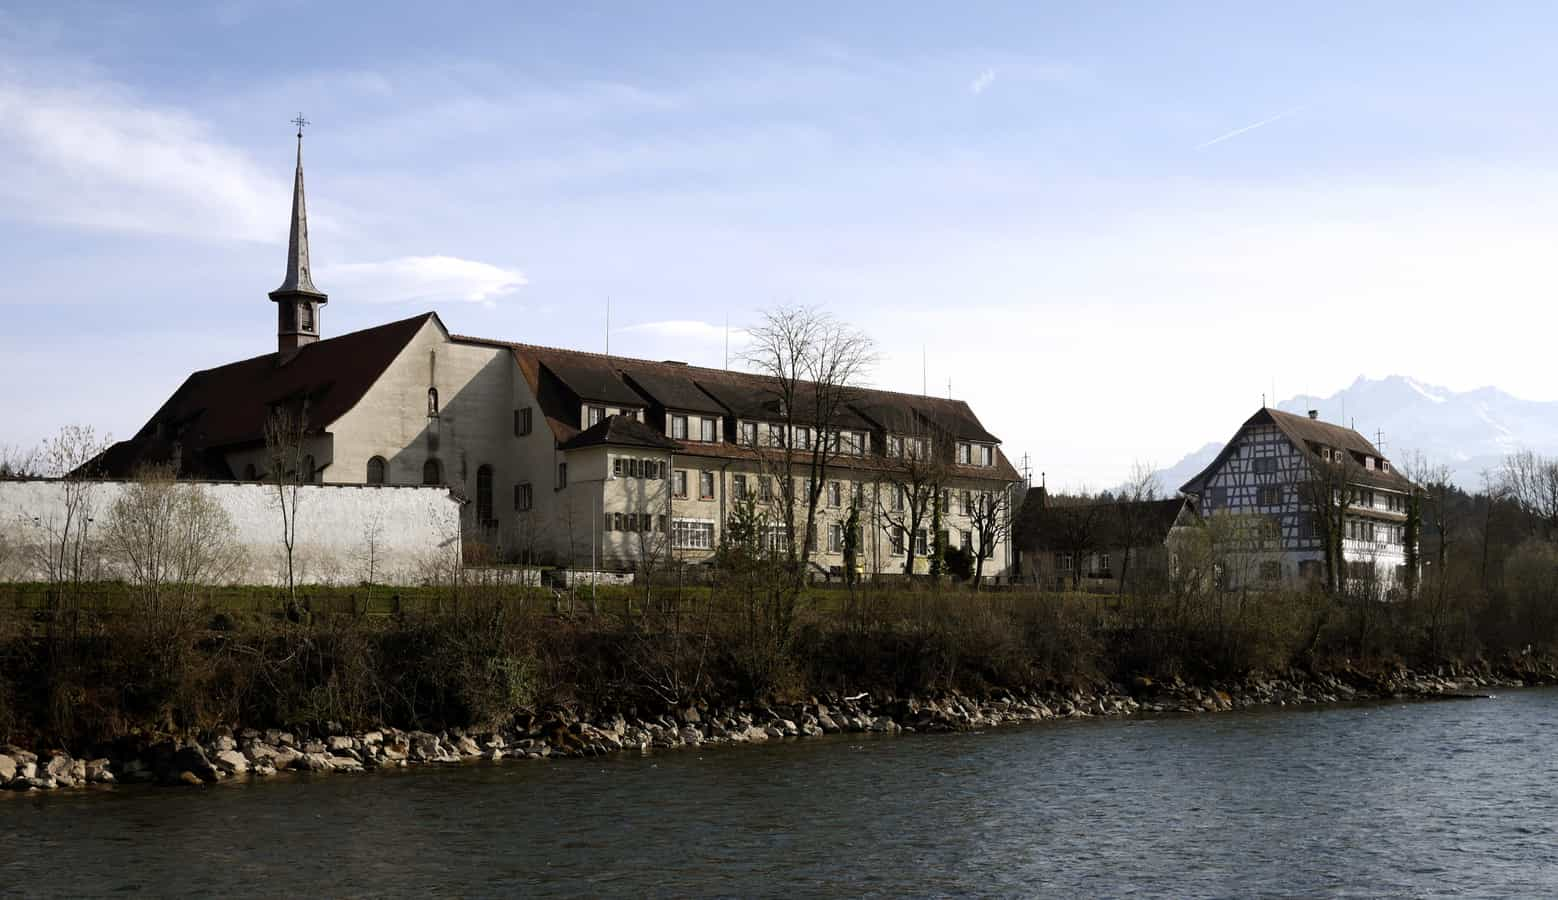 Ehemaliges Zisterzienserkloster Rathausen